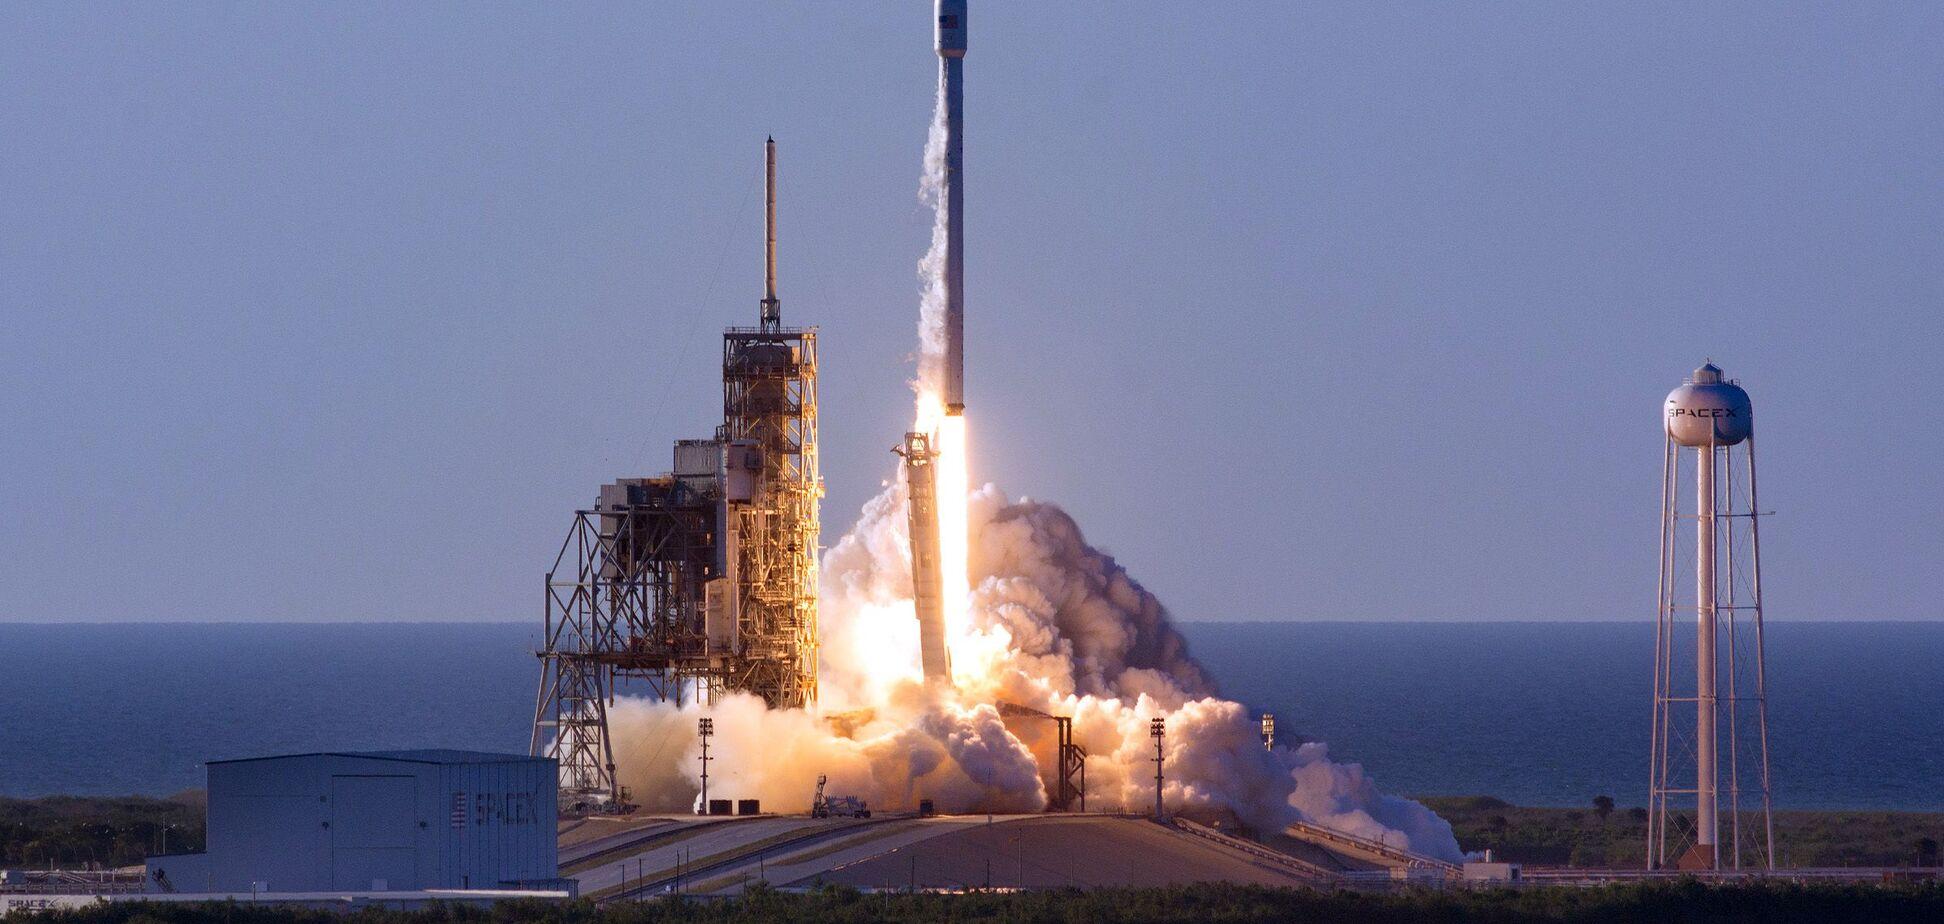 Компании SpaceX Илона Маска потребовалась срочная помощь Украины